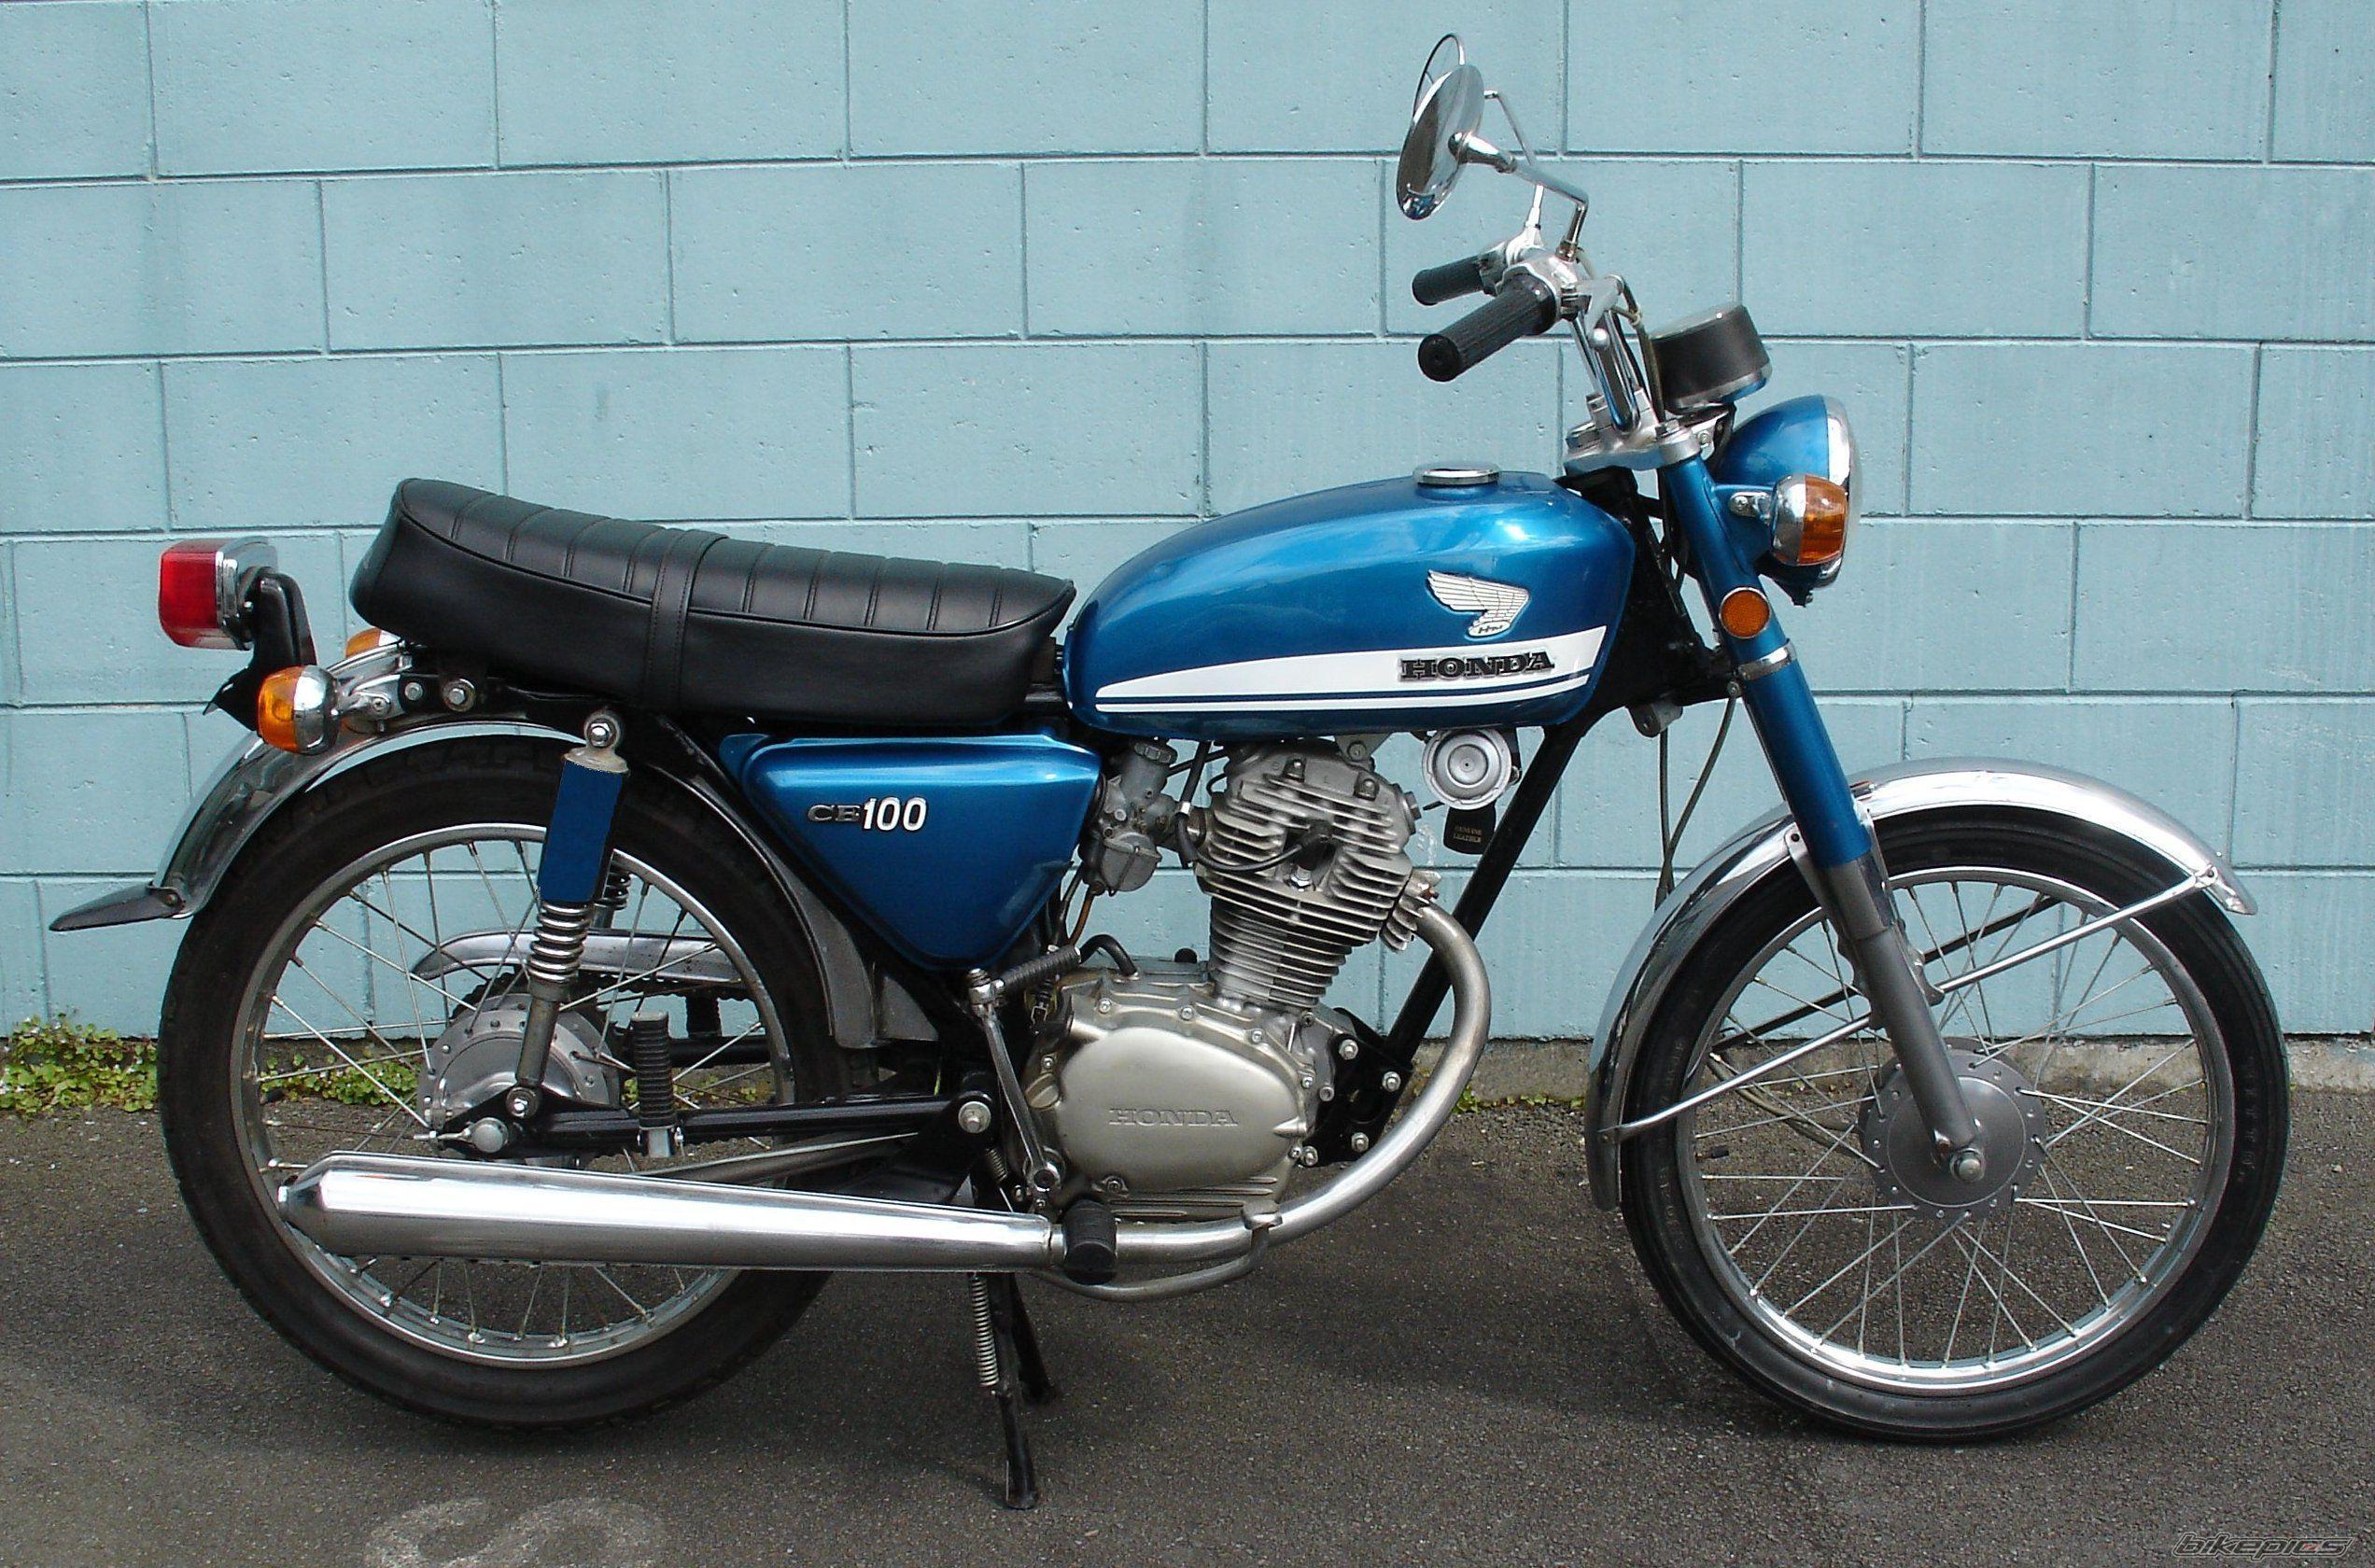 Honda CB 100 Modif Restorasi 2544x1680